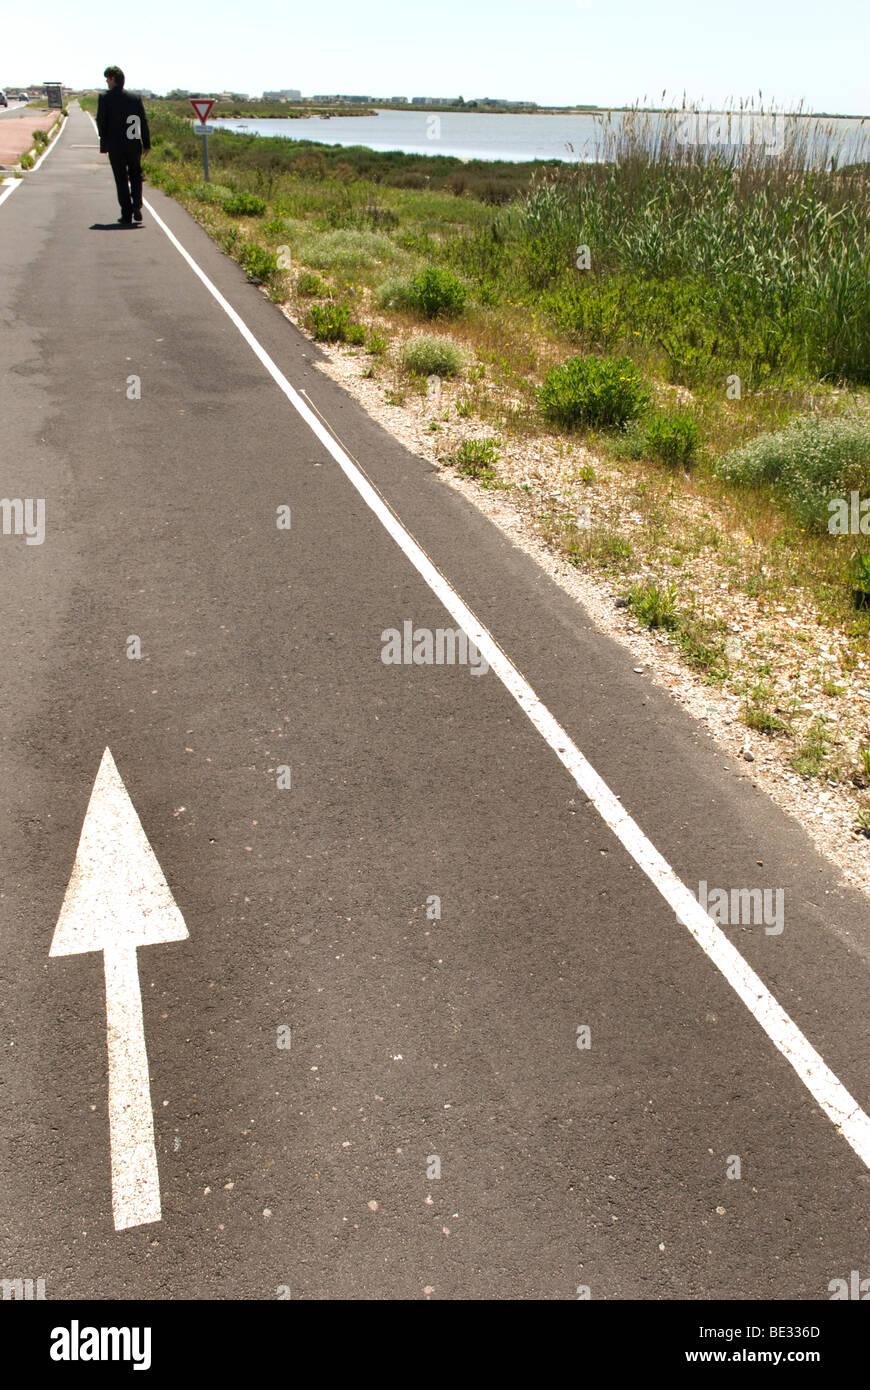 Mann im dunklen Anzug Spaziergänge entfernt sich Küstenweg mit weißer Pfeil auf sie gekleidet Stockbild